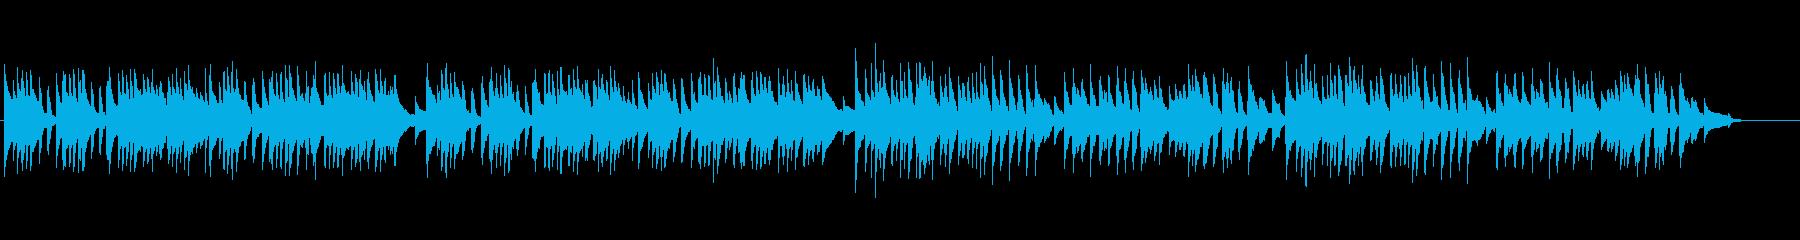 [生演奏]バッハのメヌエット チェンバロの再生済みの波形